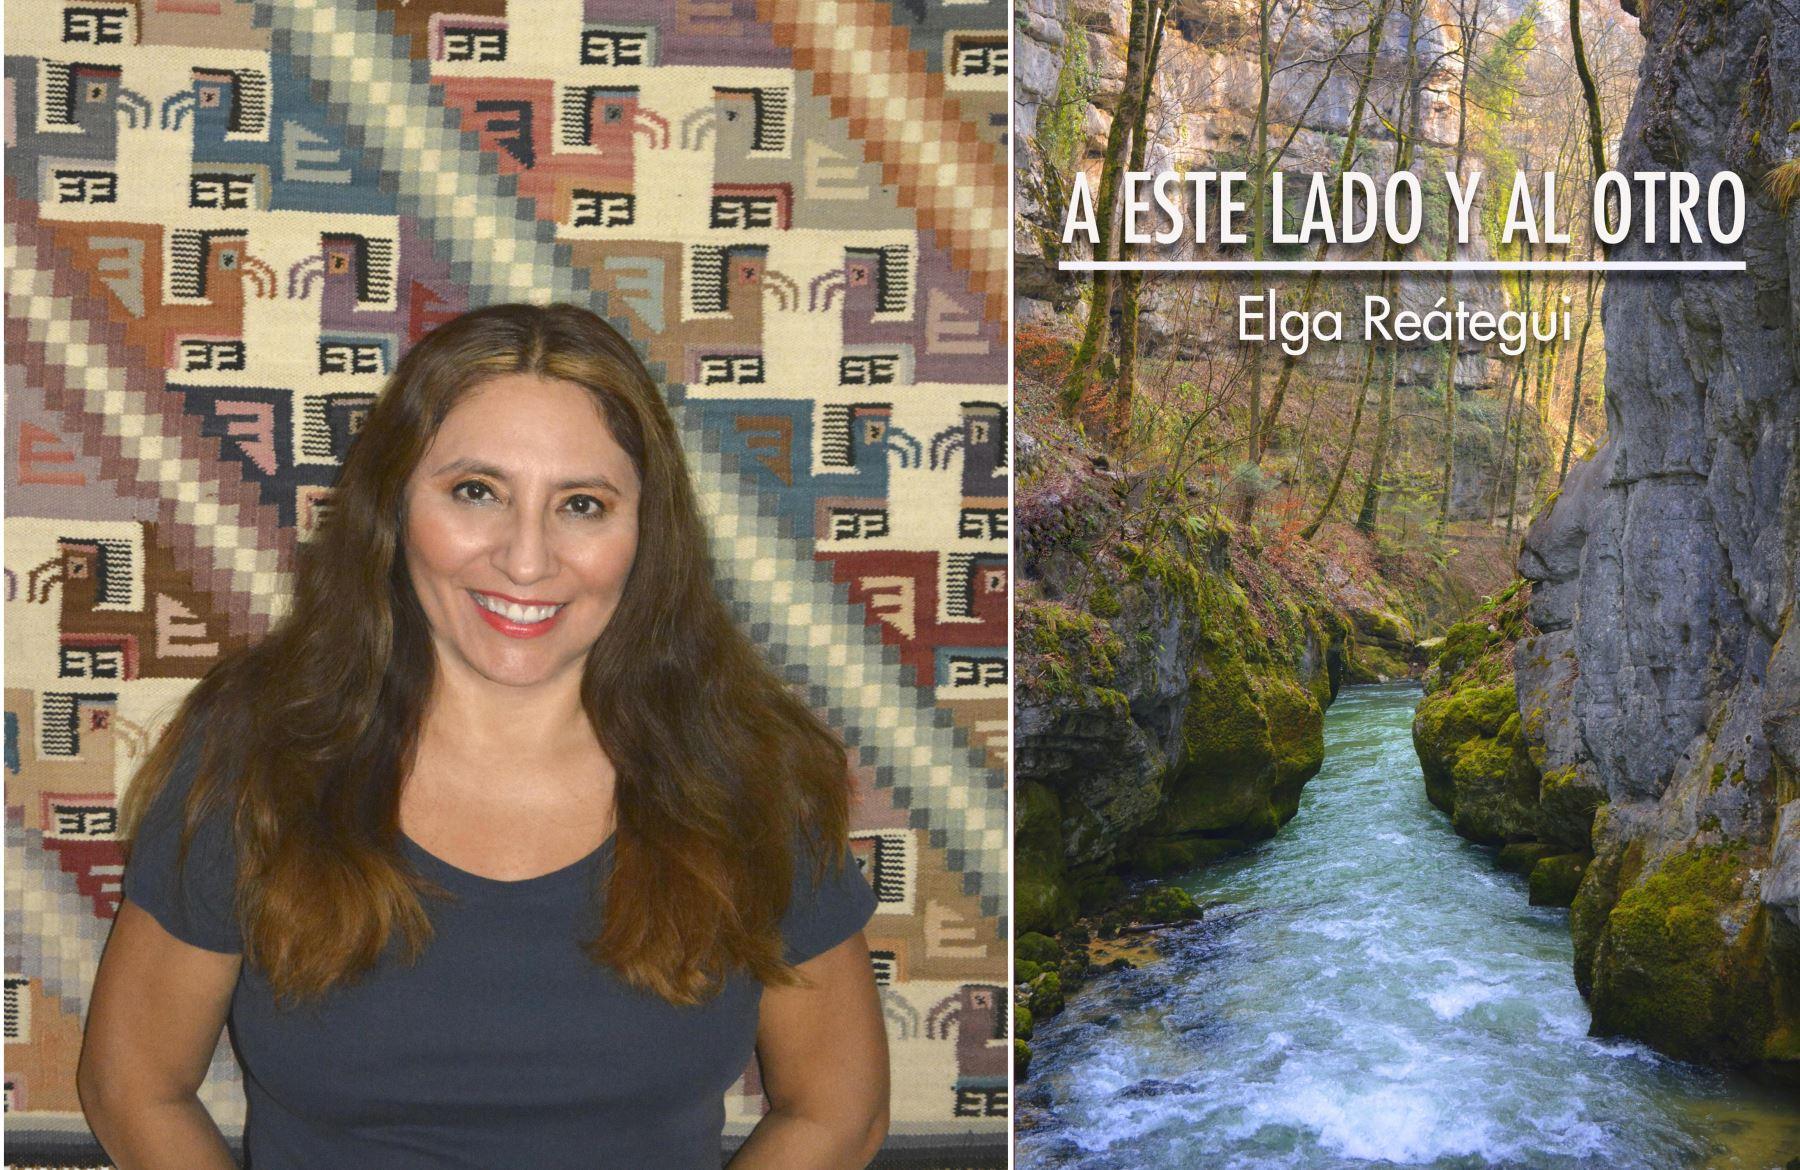 Autora Elga Reátegui y su última novela.